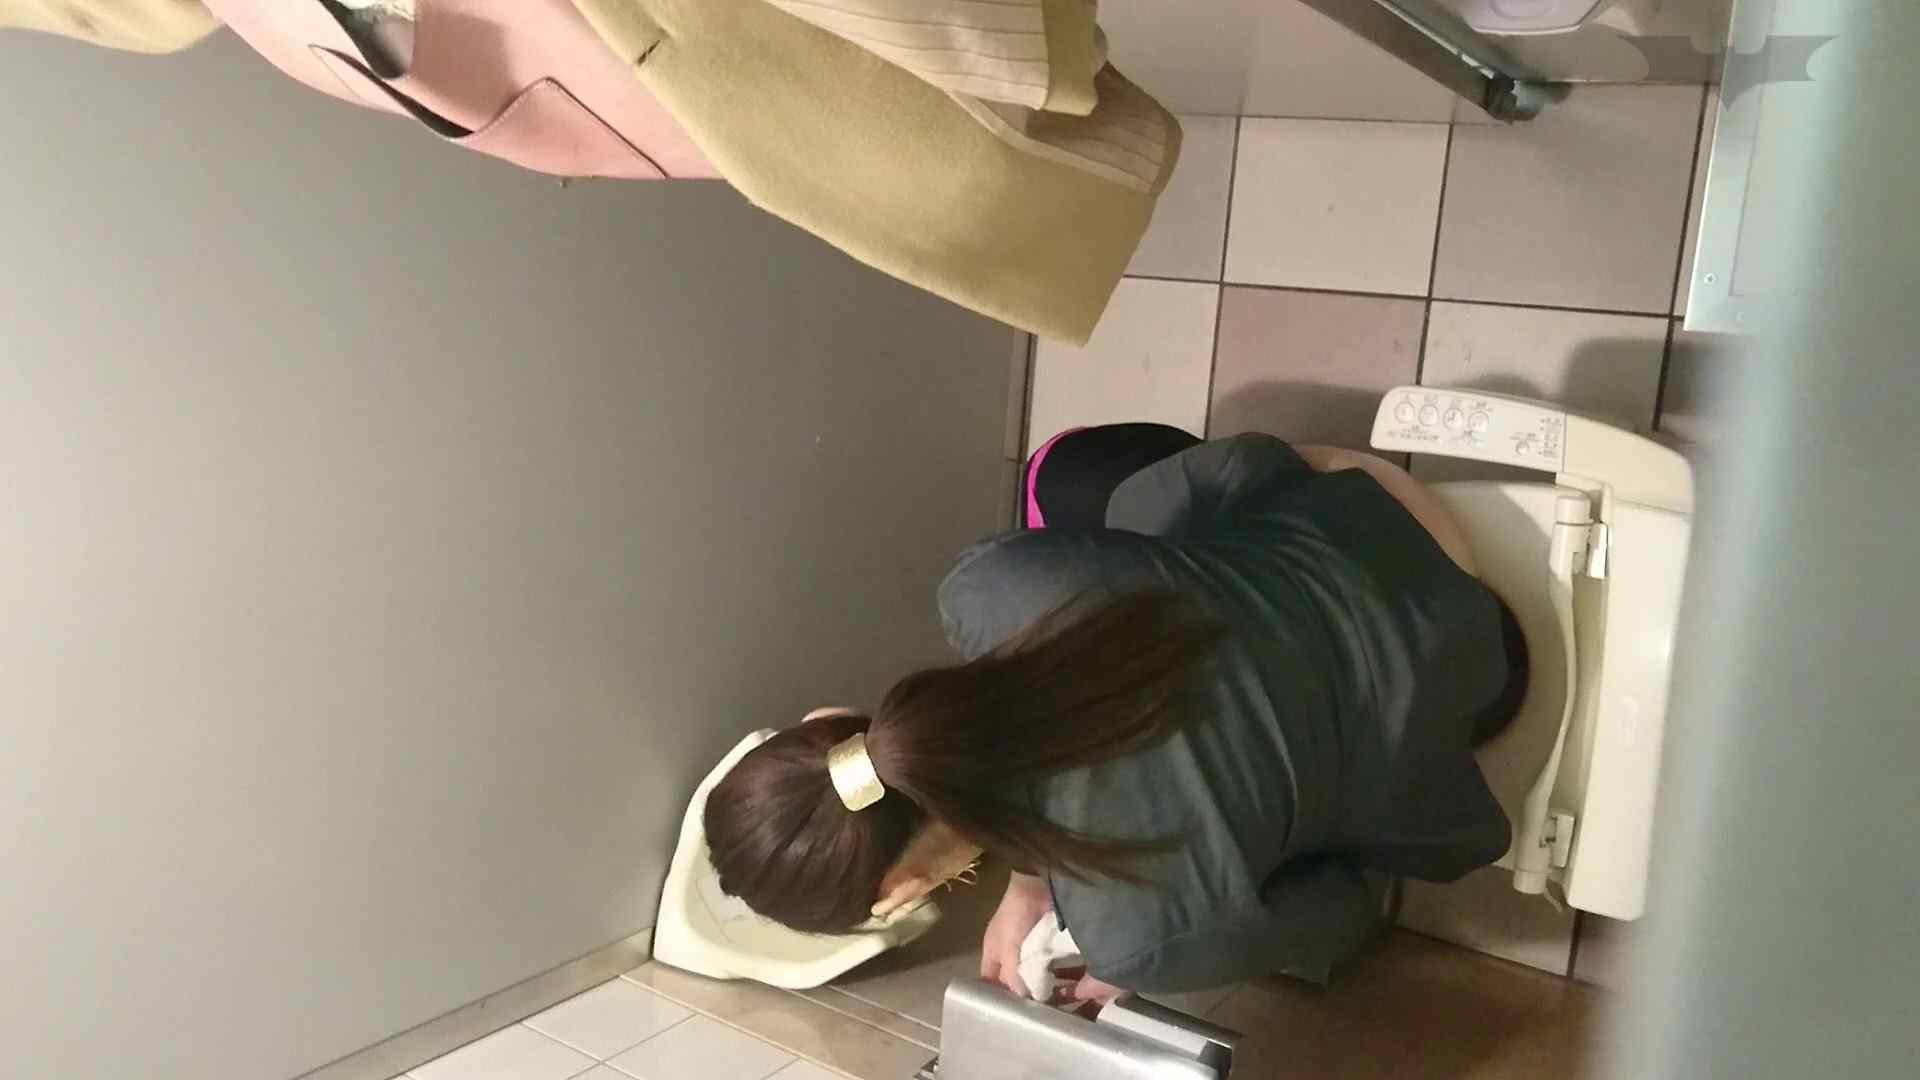 化粧室絵巻 ショッピングモール編 VOL.15 OL  111pic 47